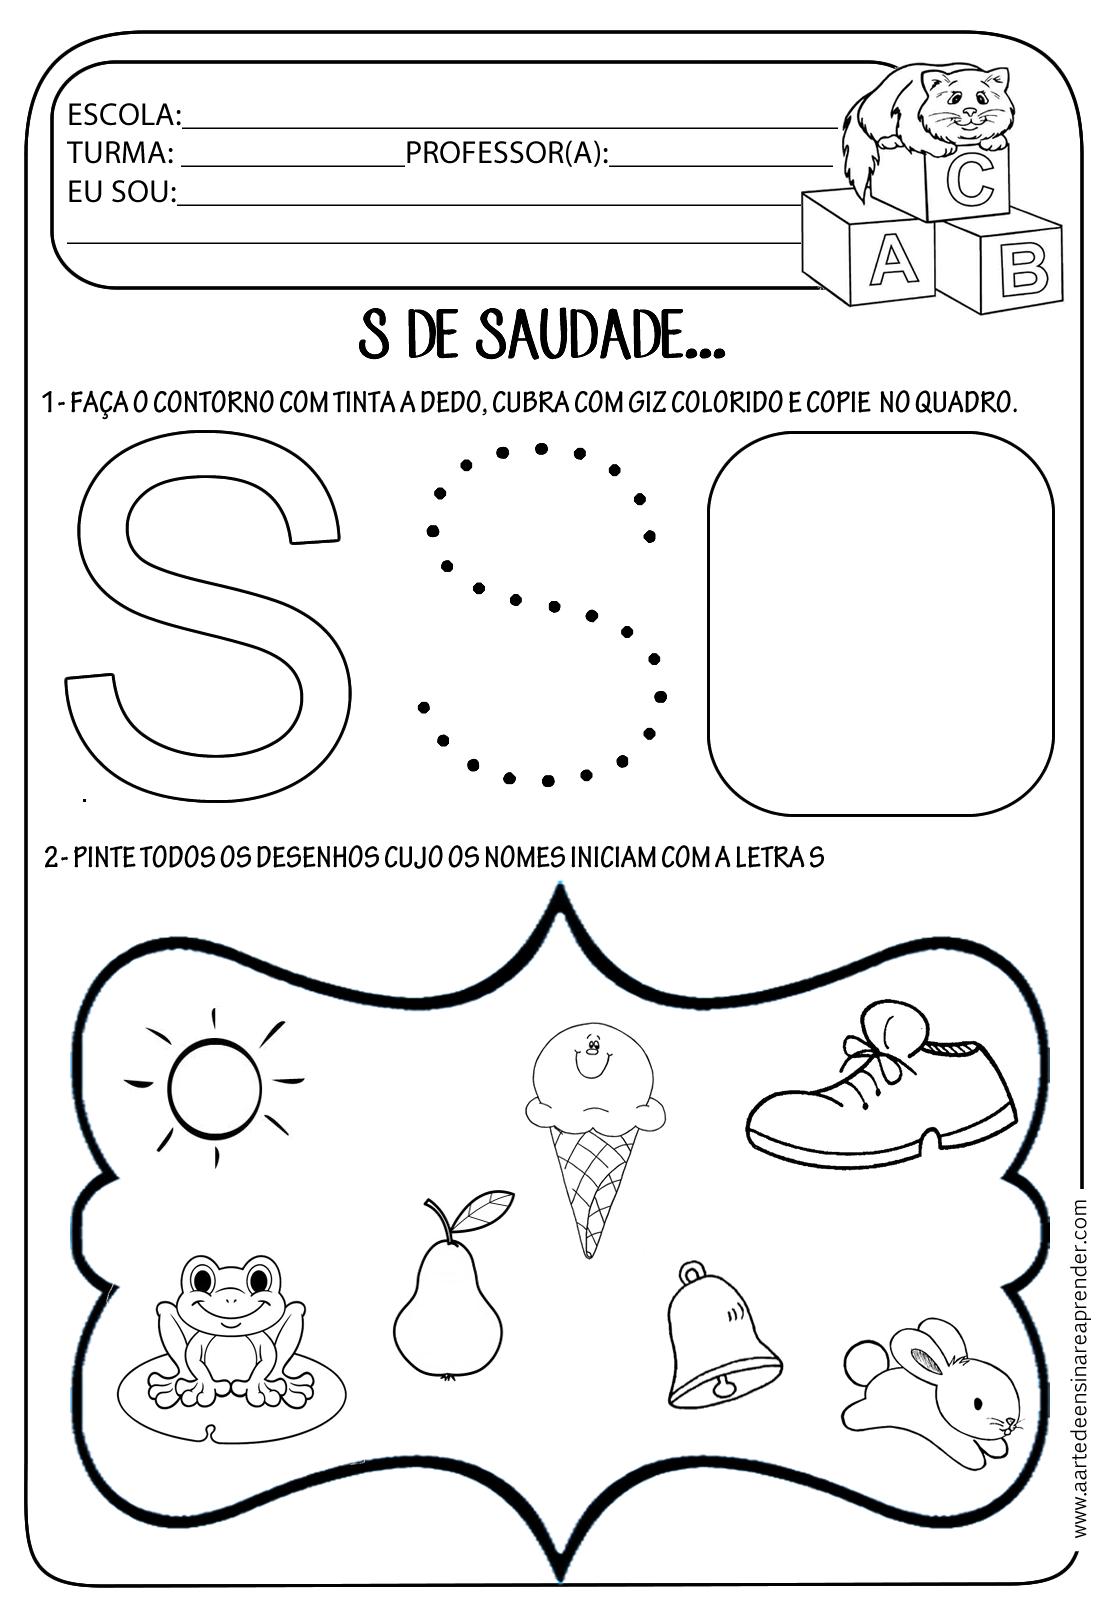 Amado Atividade pronta - Letra S | Atividades, Educação infantil e Educação CY06